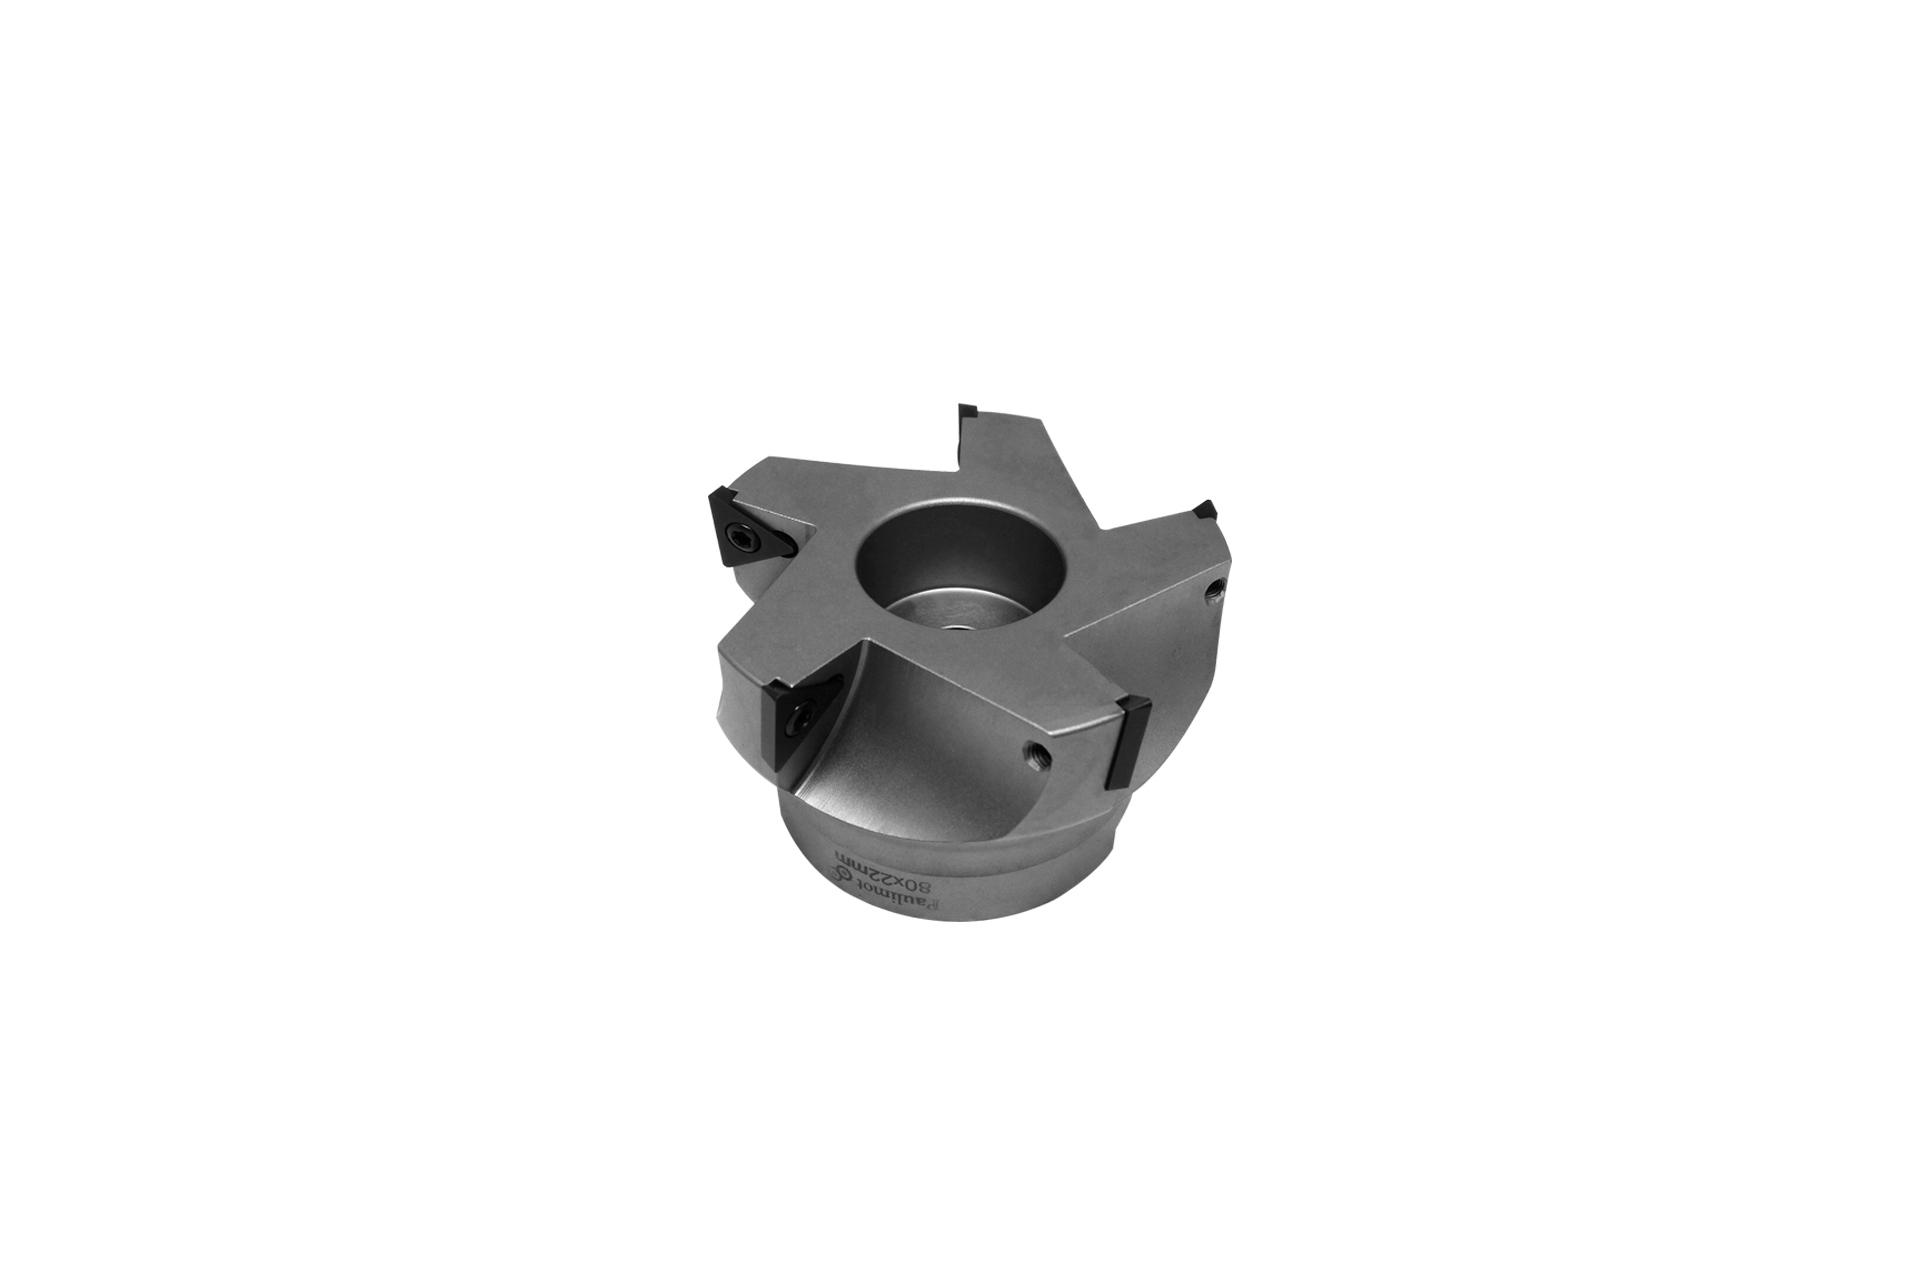 Messgerät digital 150 mm Fräsen Fräswerkzeug Fräsmaschine Messen